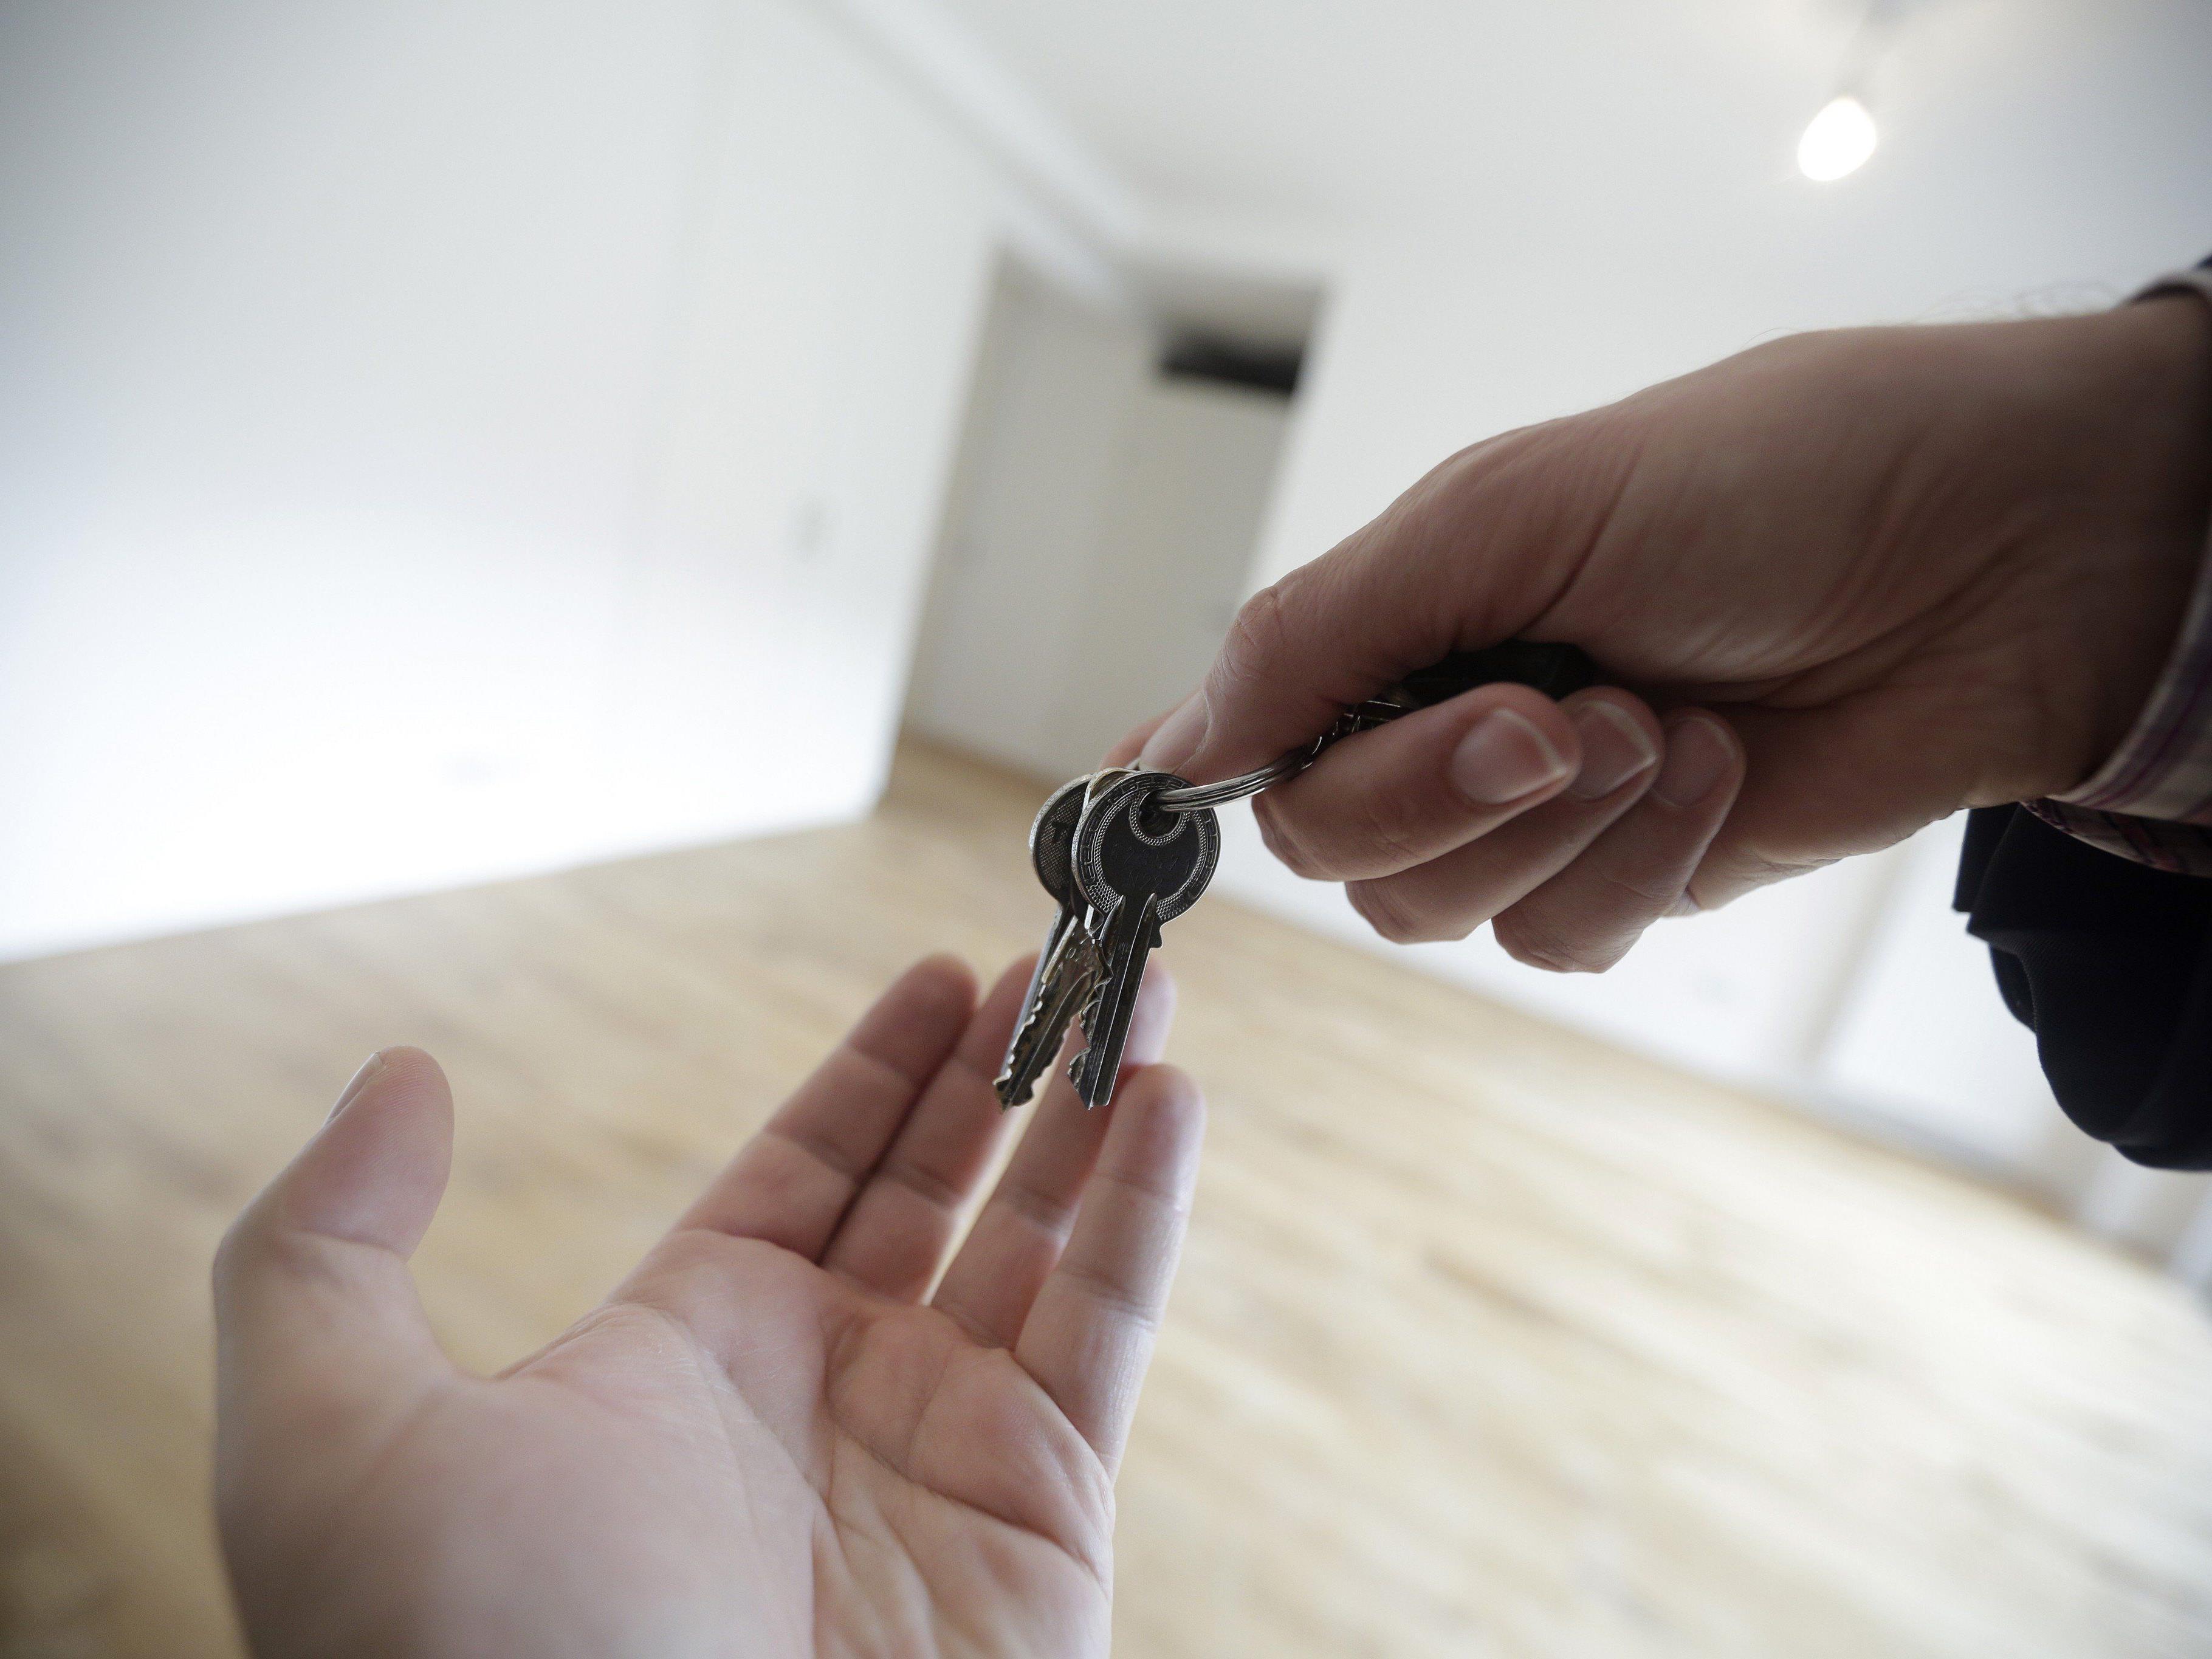 Kritisiert wird die Vergabe von Gemeindewohnungen durch Wiener Wohnen.